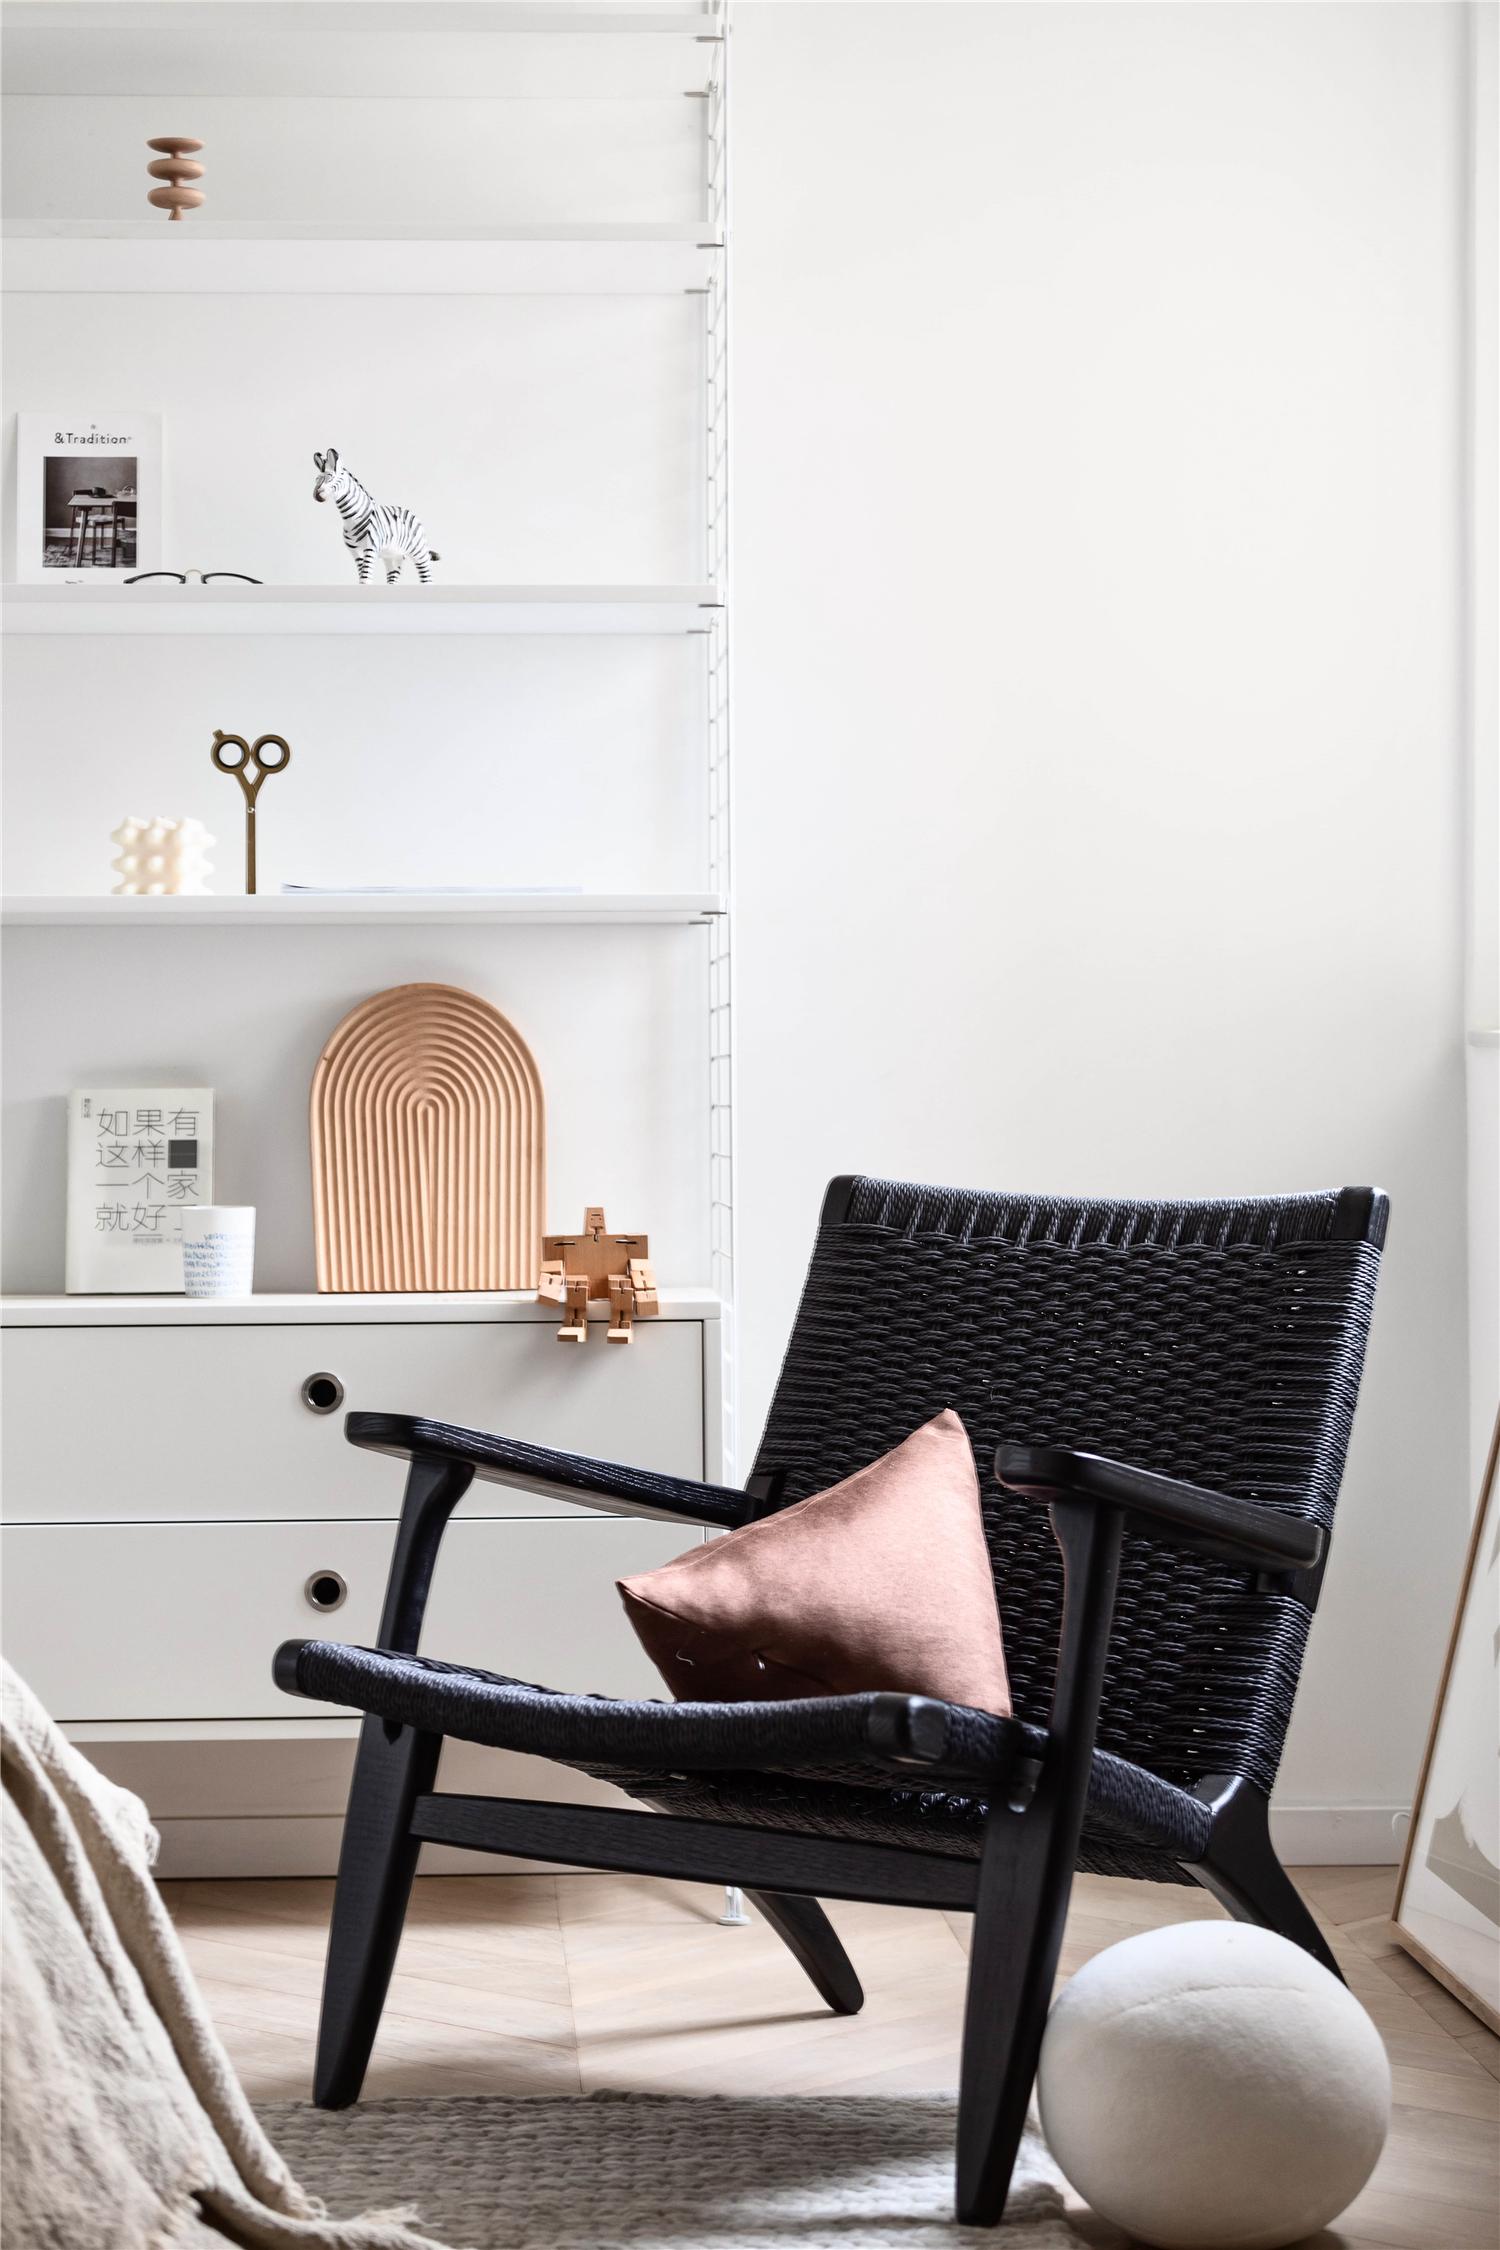 55㎡小户型两居装修躺椅设计